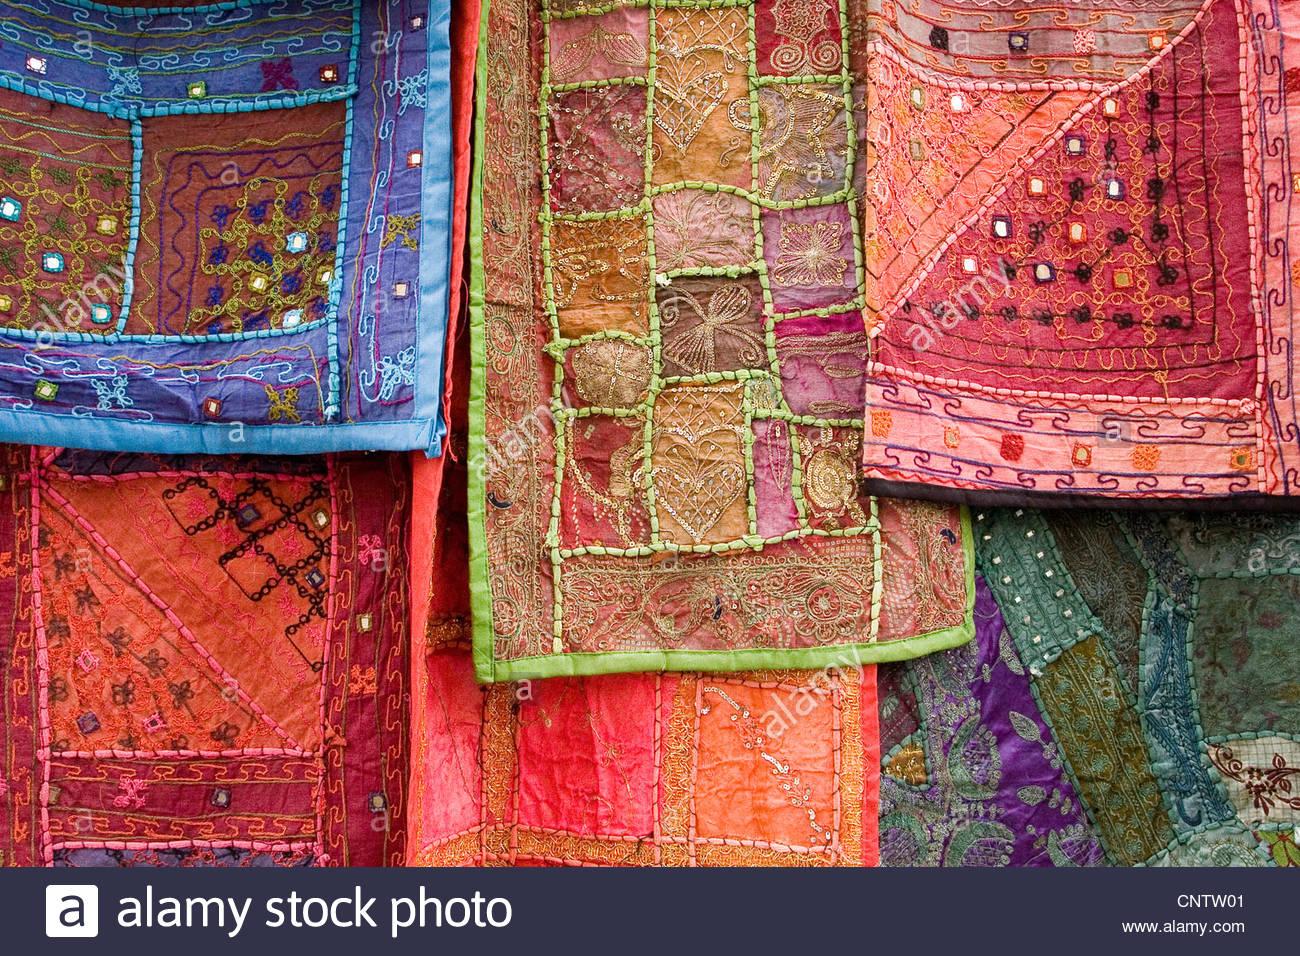 Tapices ornamentados colgando juntos Foto de stock